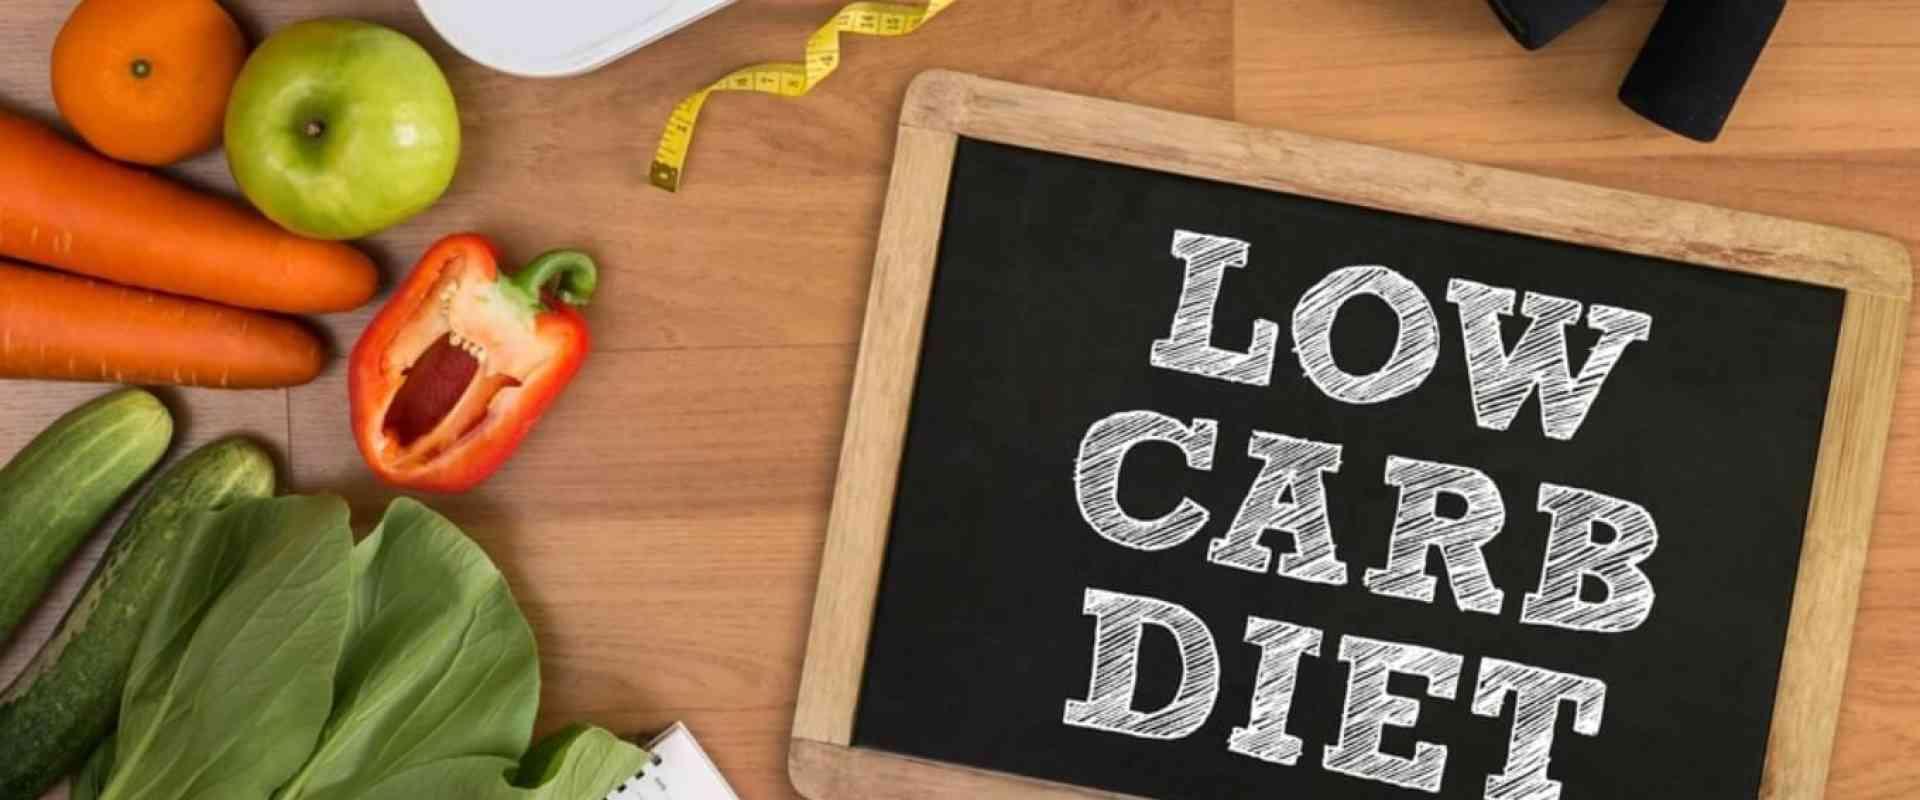 Marmitas low carb são alternativas muito interessantes para quem possui um tipo de alimentação saudá